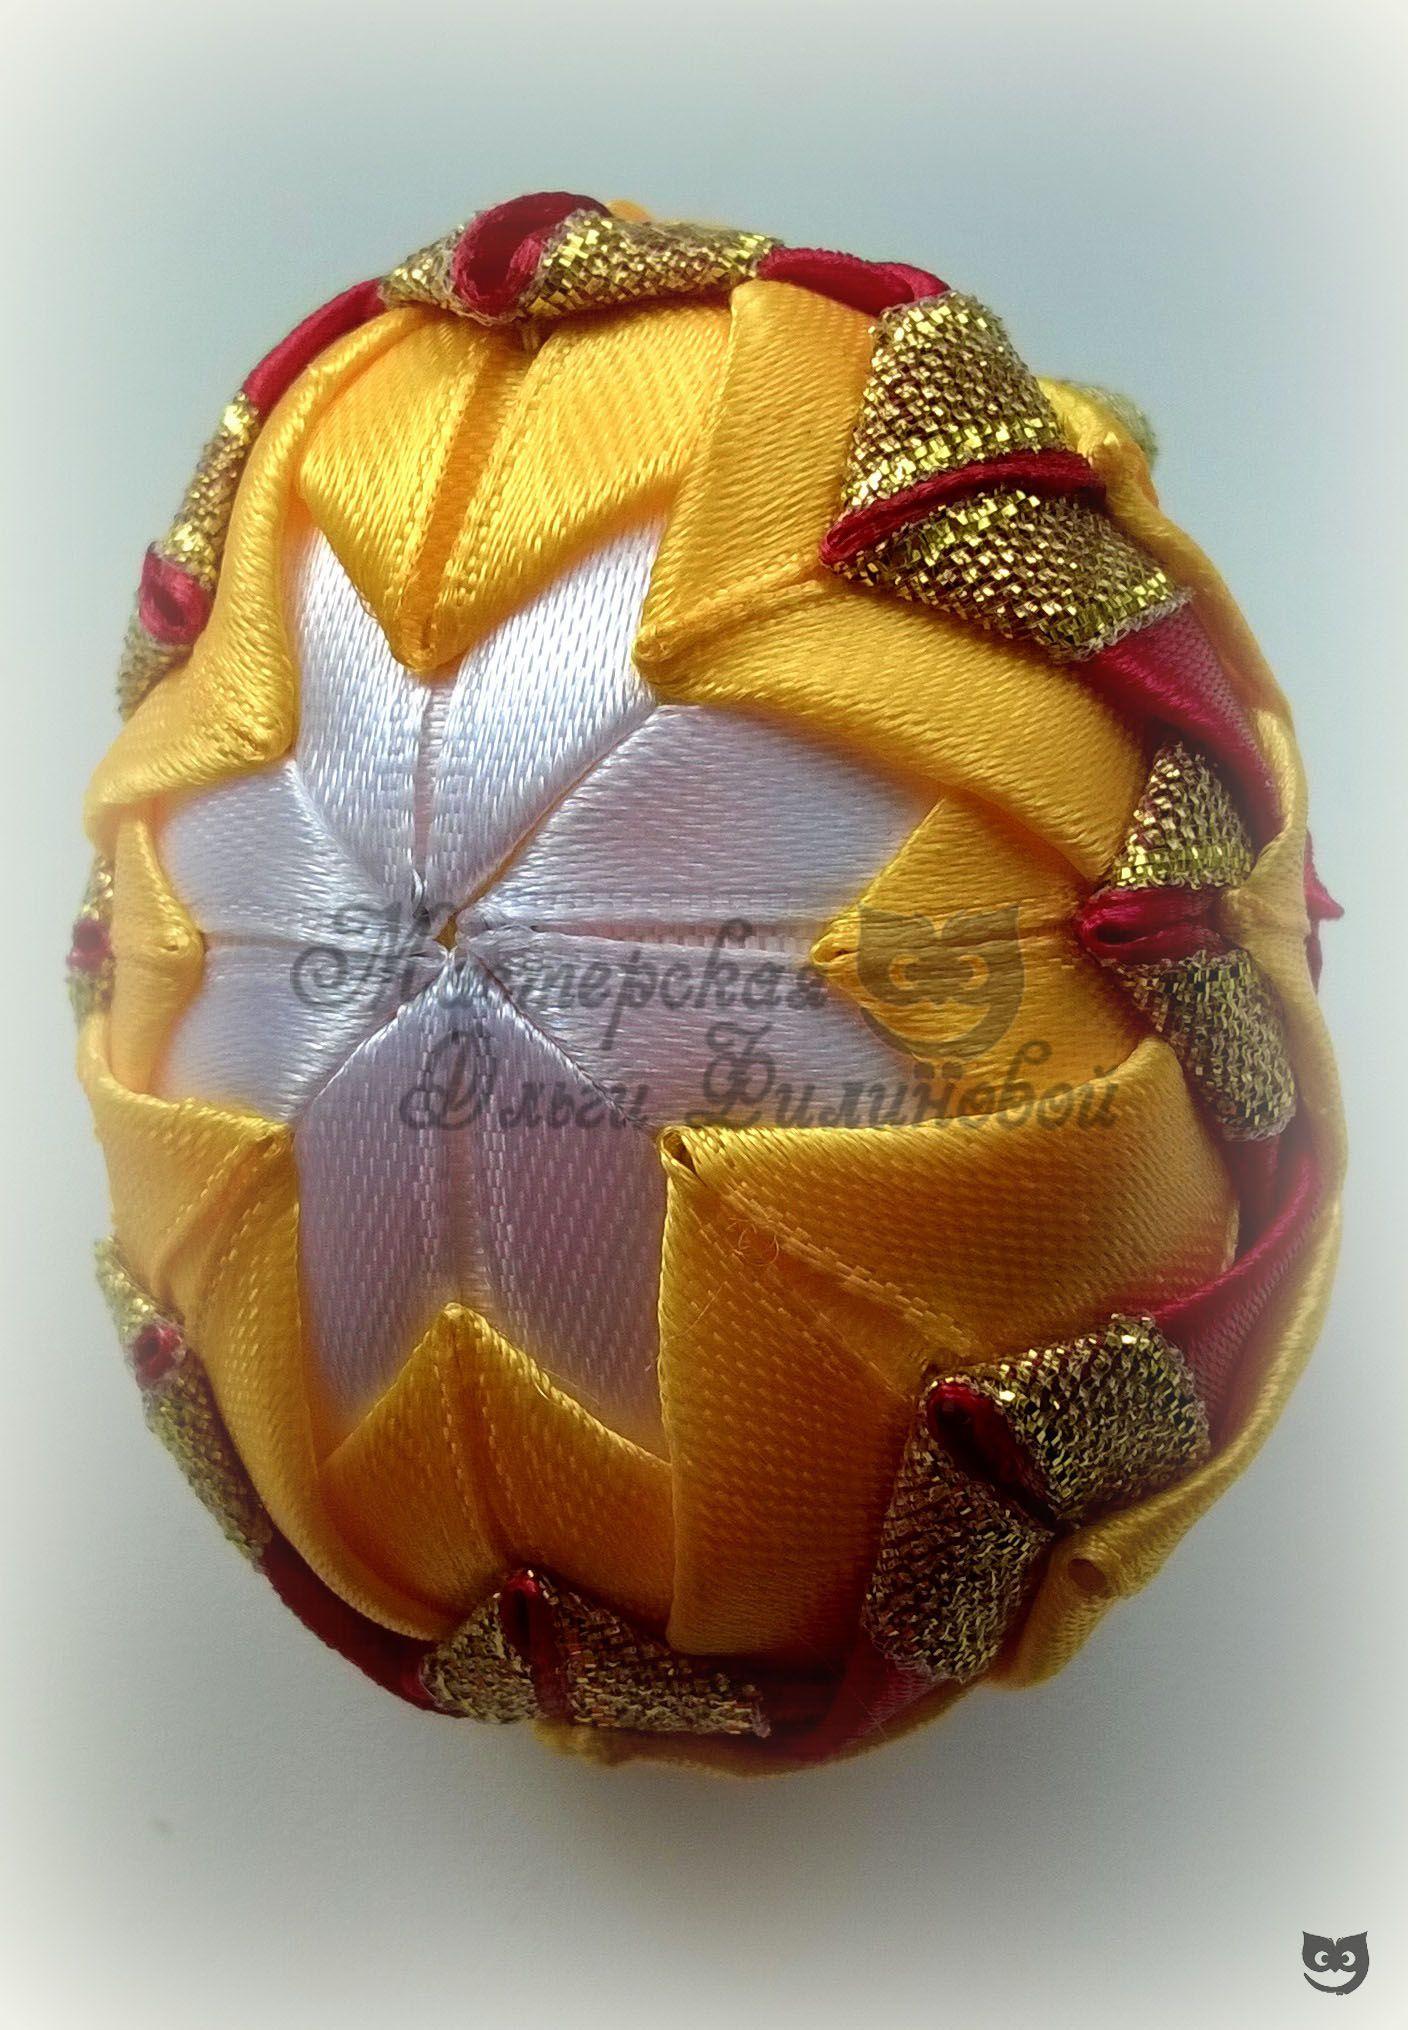 мастерскаяольгифилиновой сувениркпасхе пасхальноеяйцо пасха